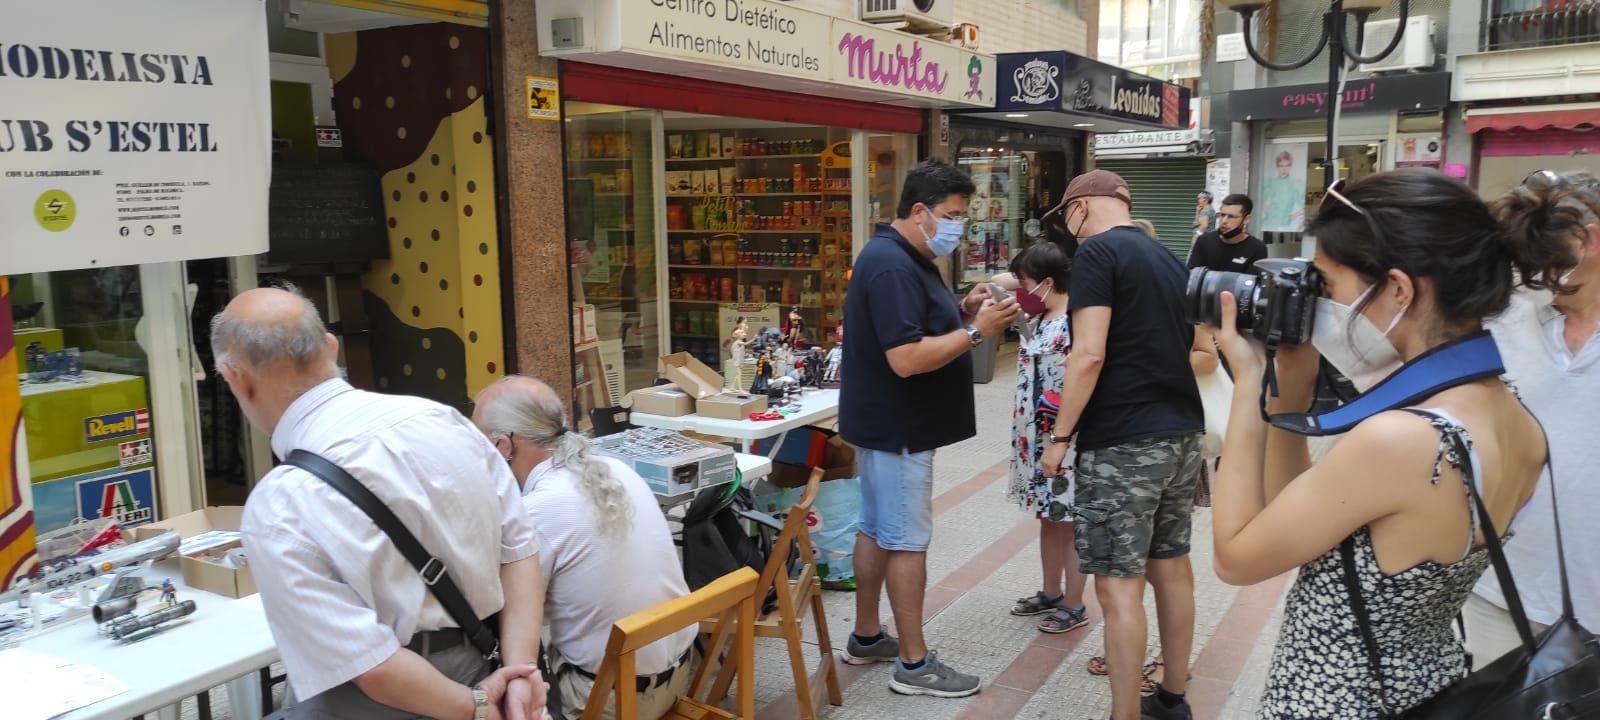 Maratón de modelismo en Palma